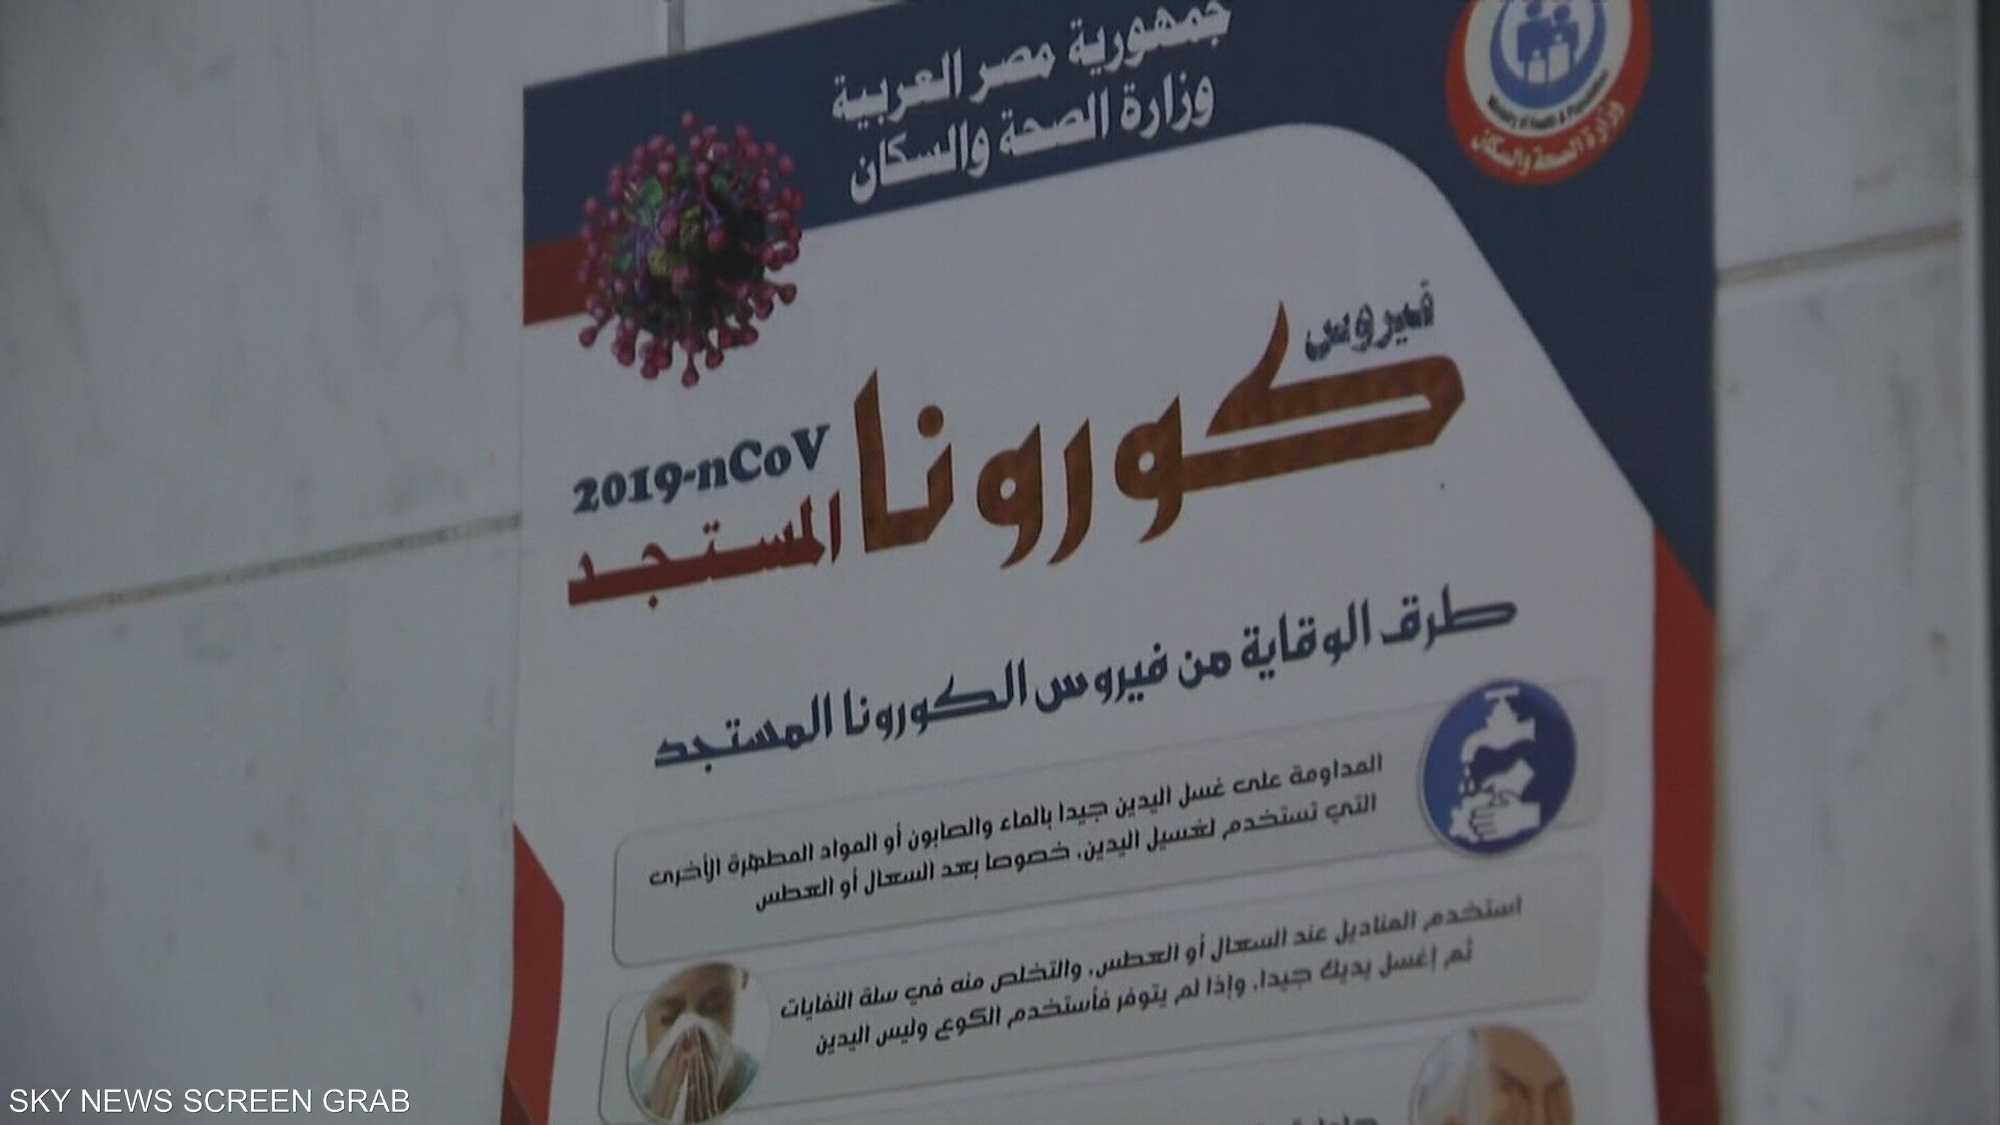 فيروس كورونا.. تدابير في مصر لتطويق المرض